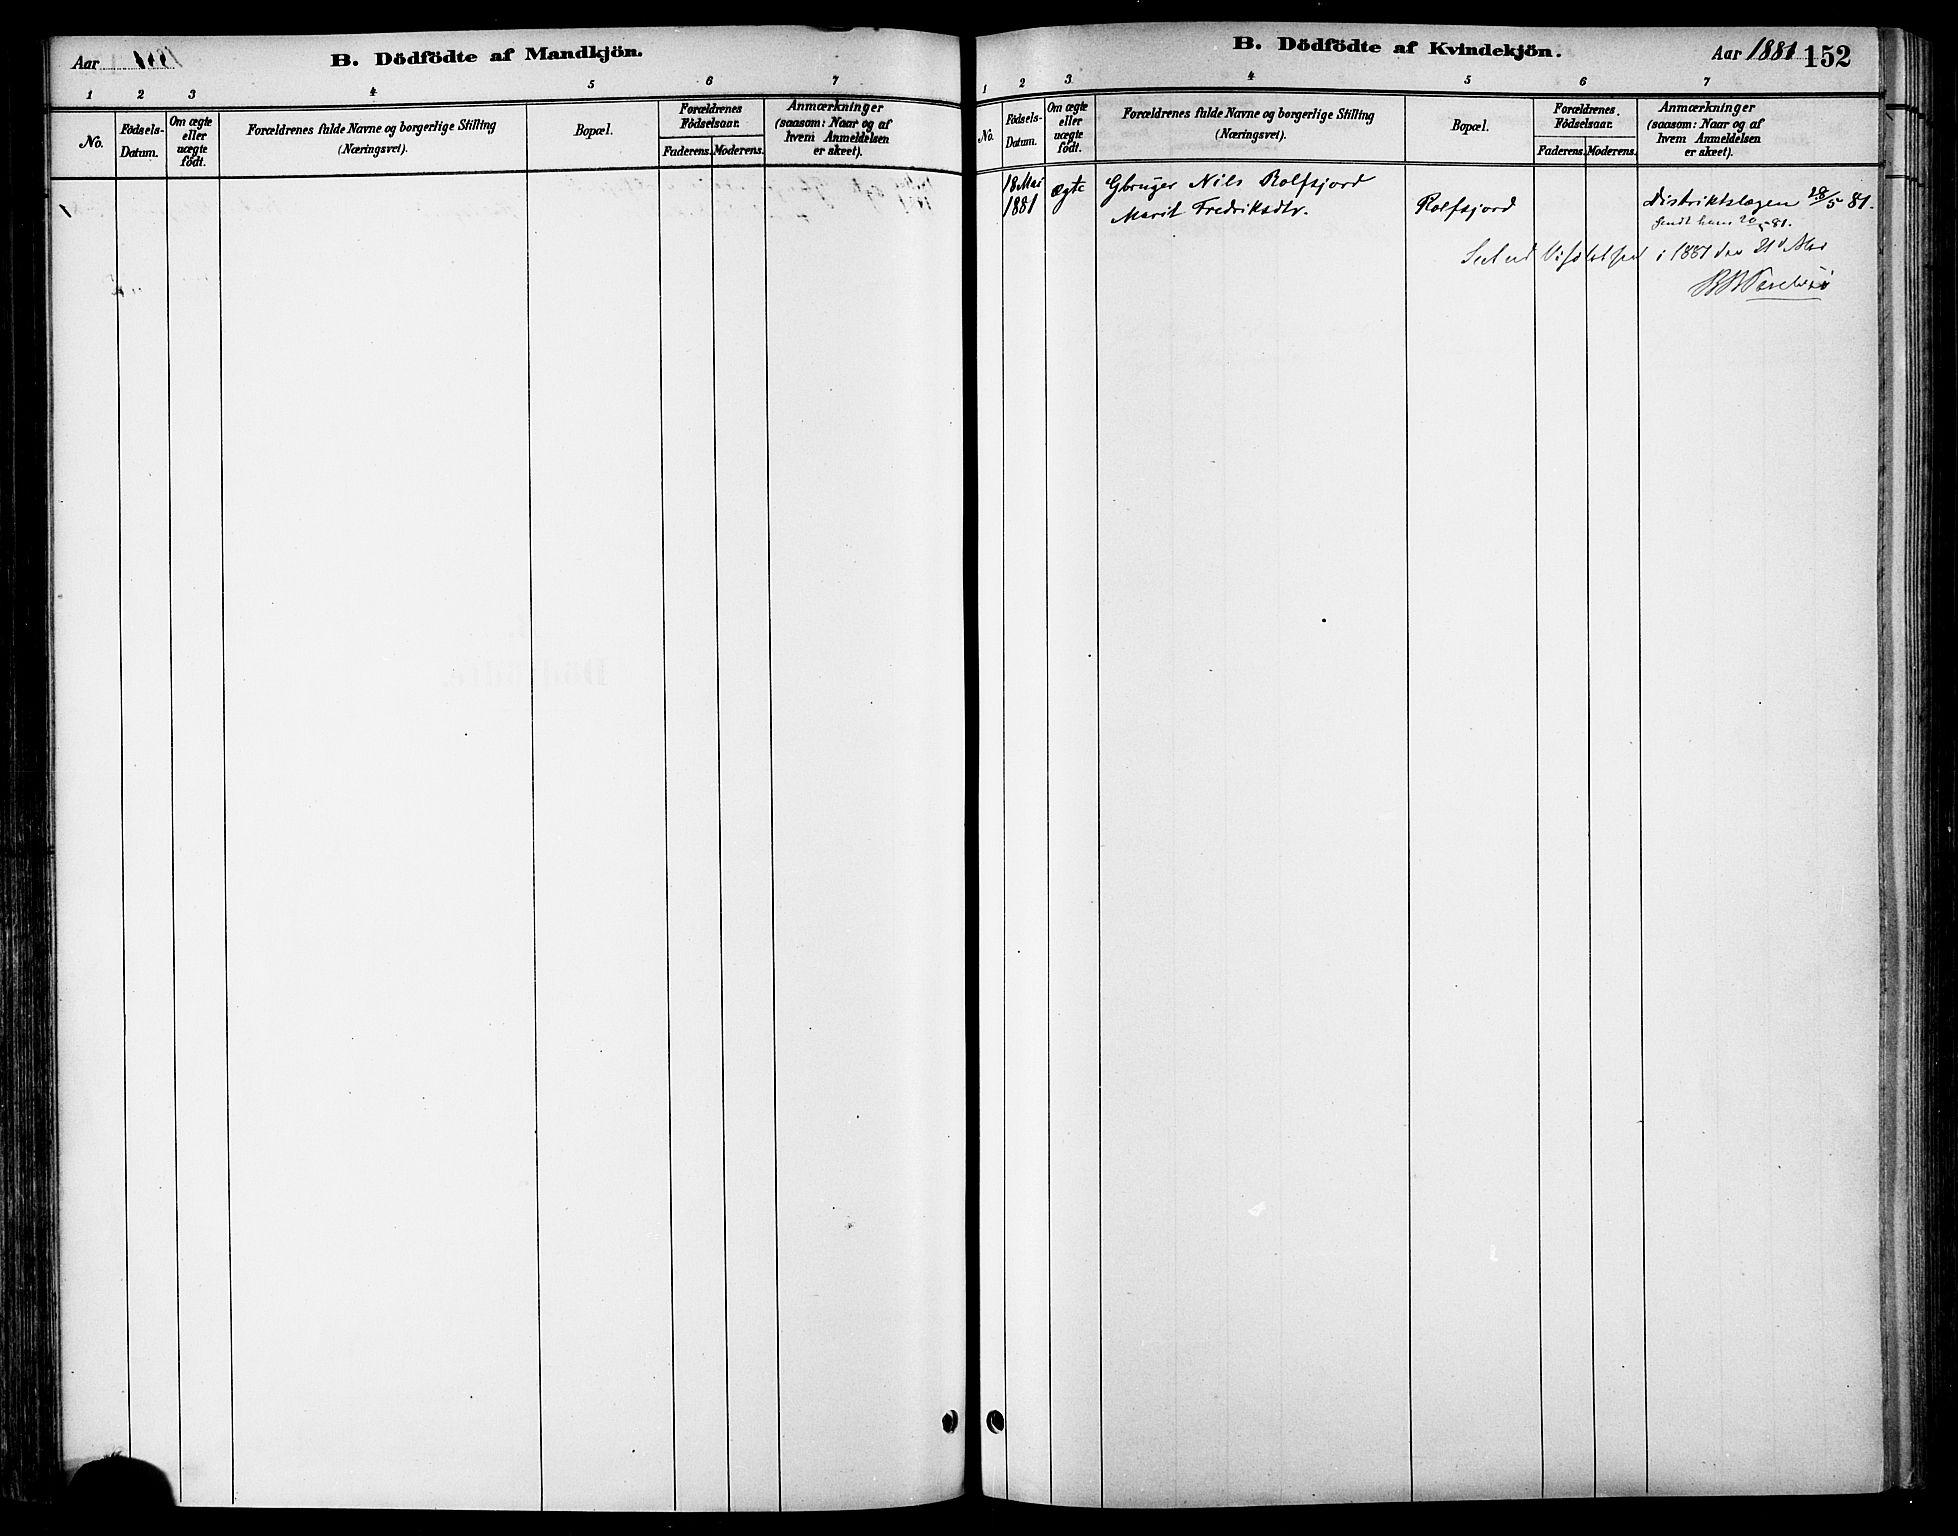 SAT, Ministerialprotokoller, klokkerbøker og fødselsregistre - Sør-Trøndelag, 678/L0901: Ministerialbok nr. 678A10, 1881-1894, s. 152